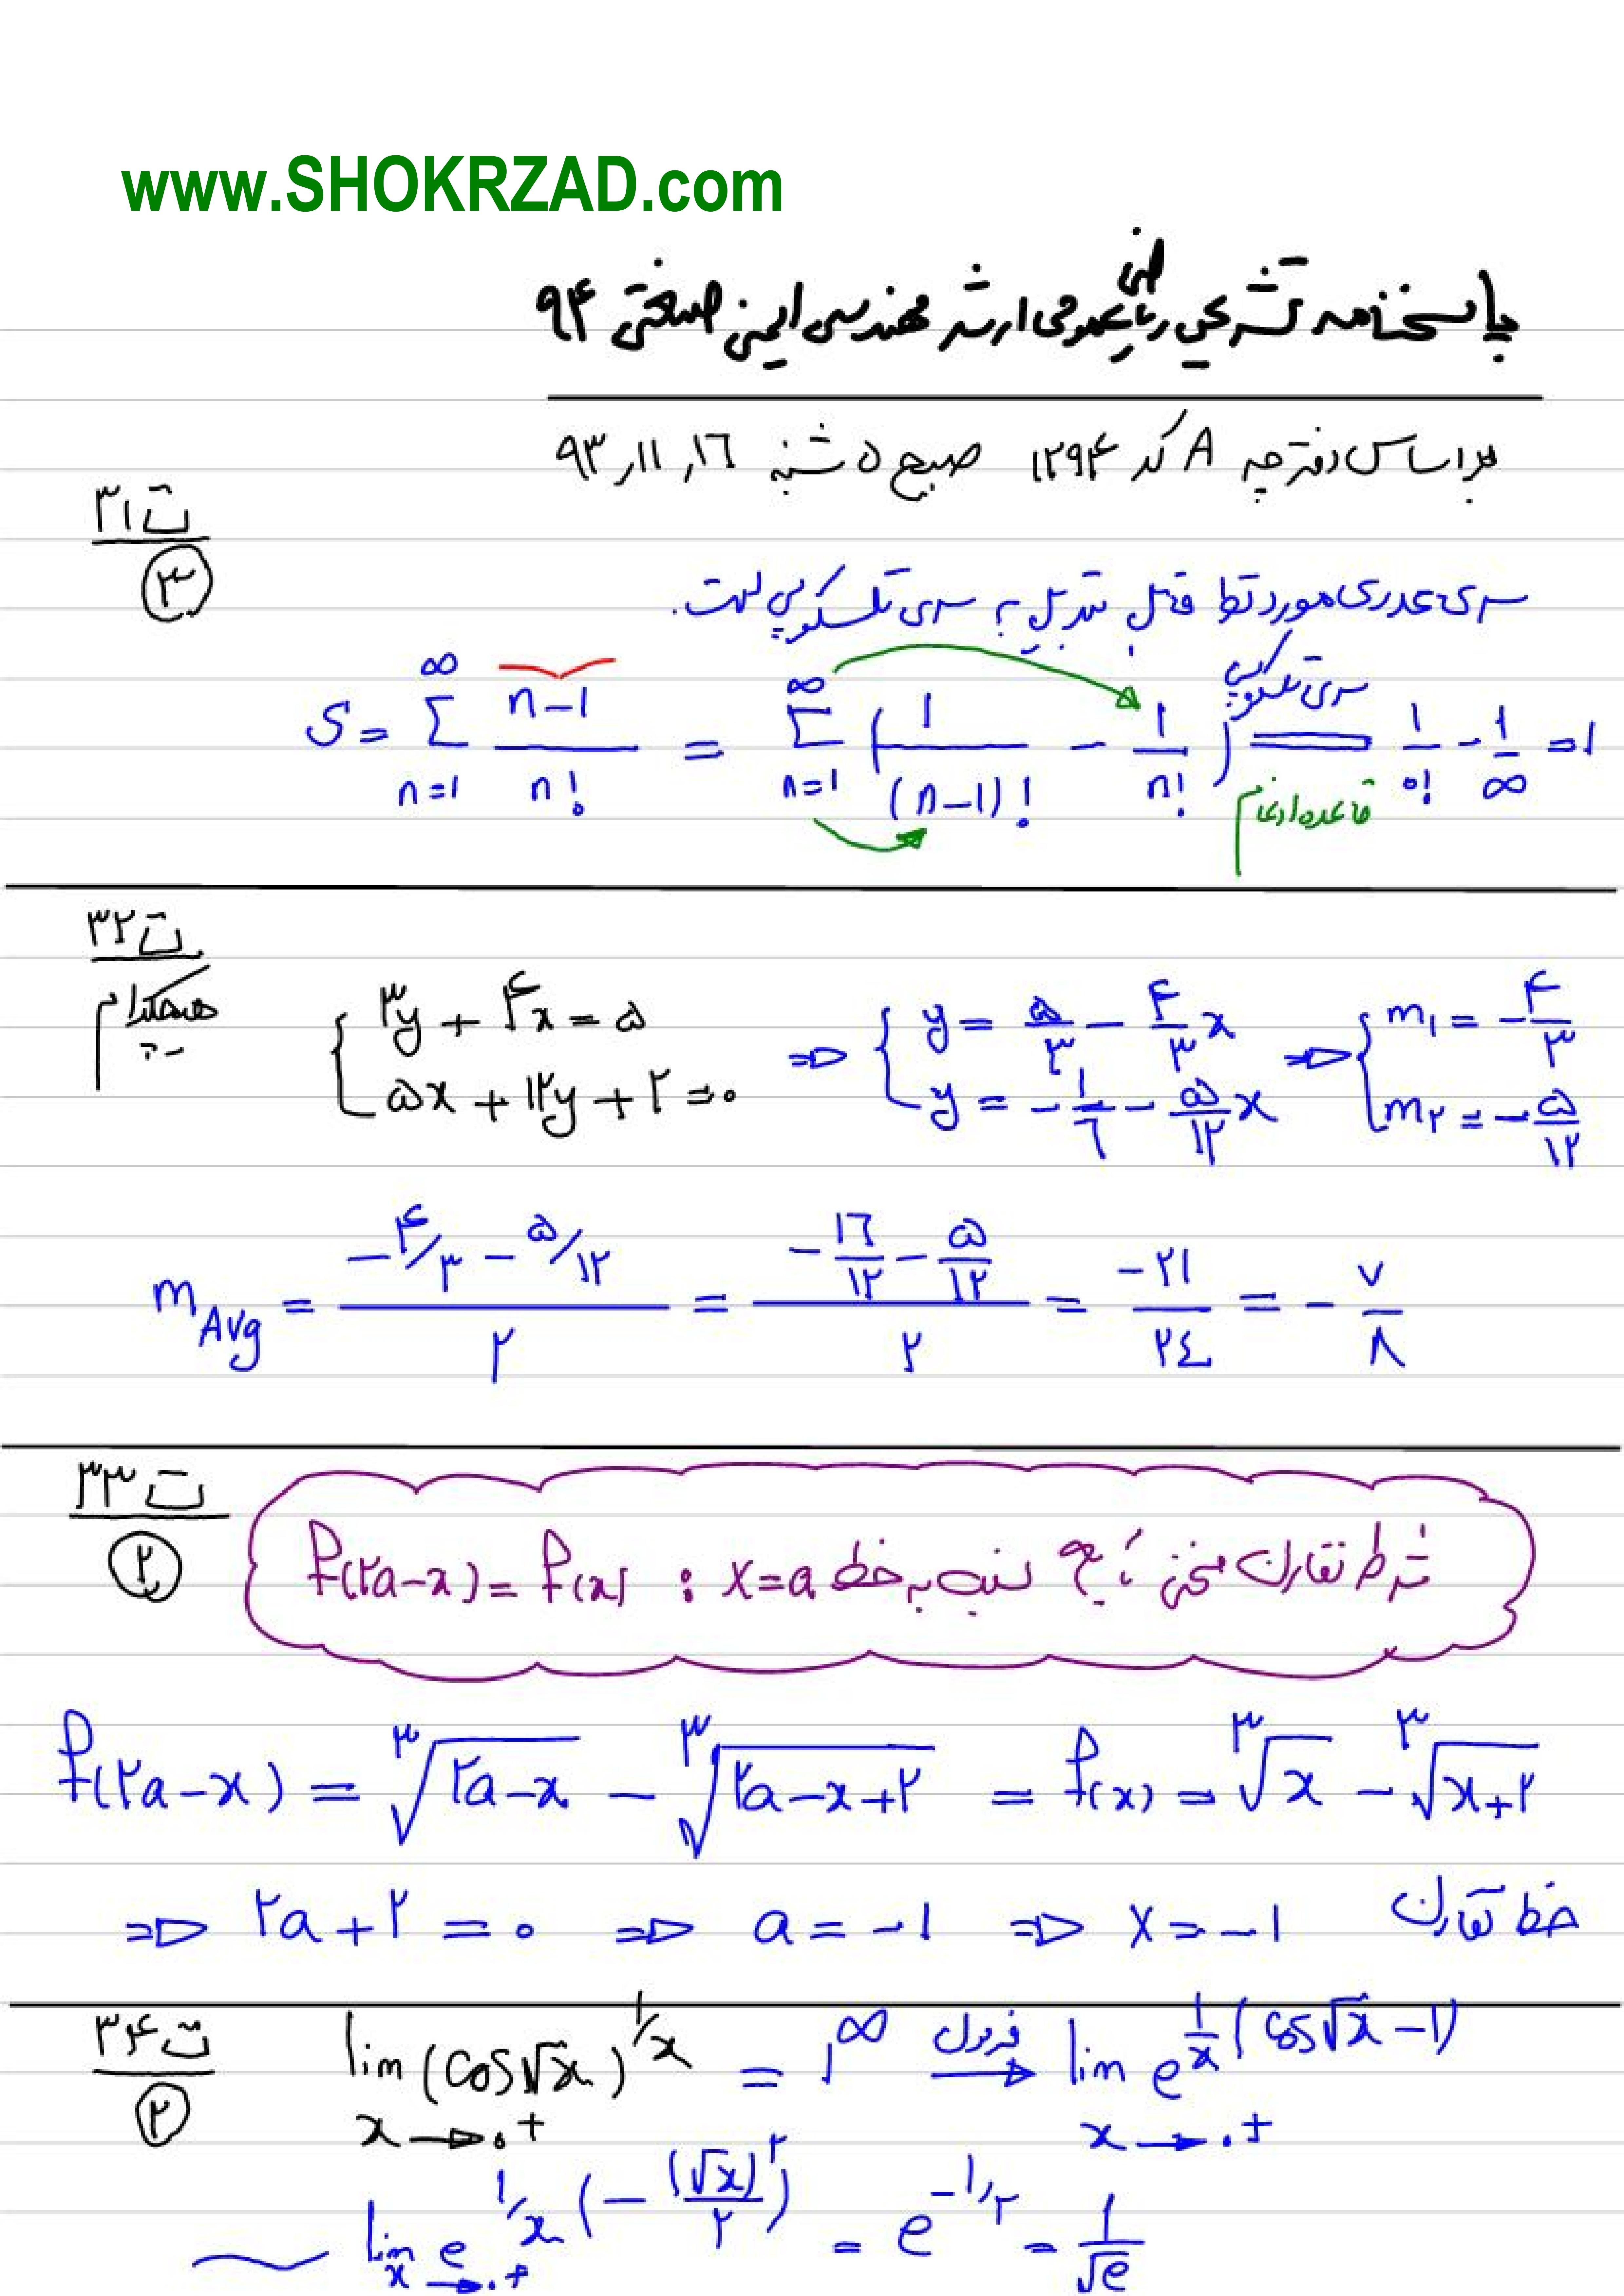 پاسخنامه تشریحی سوالات ریاضی عمومی ارشد مهندسی ایمنی صنعتی 94